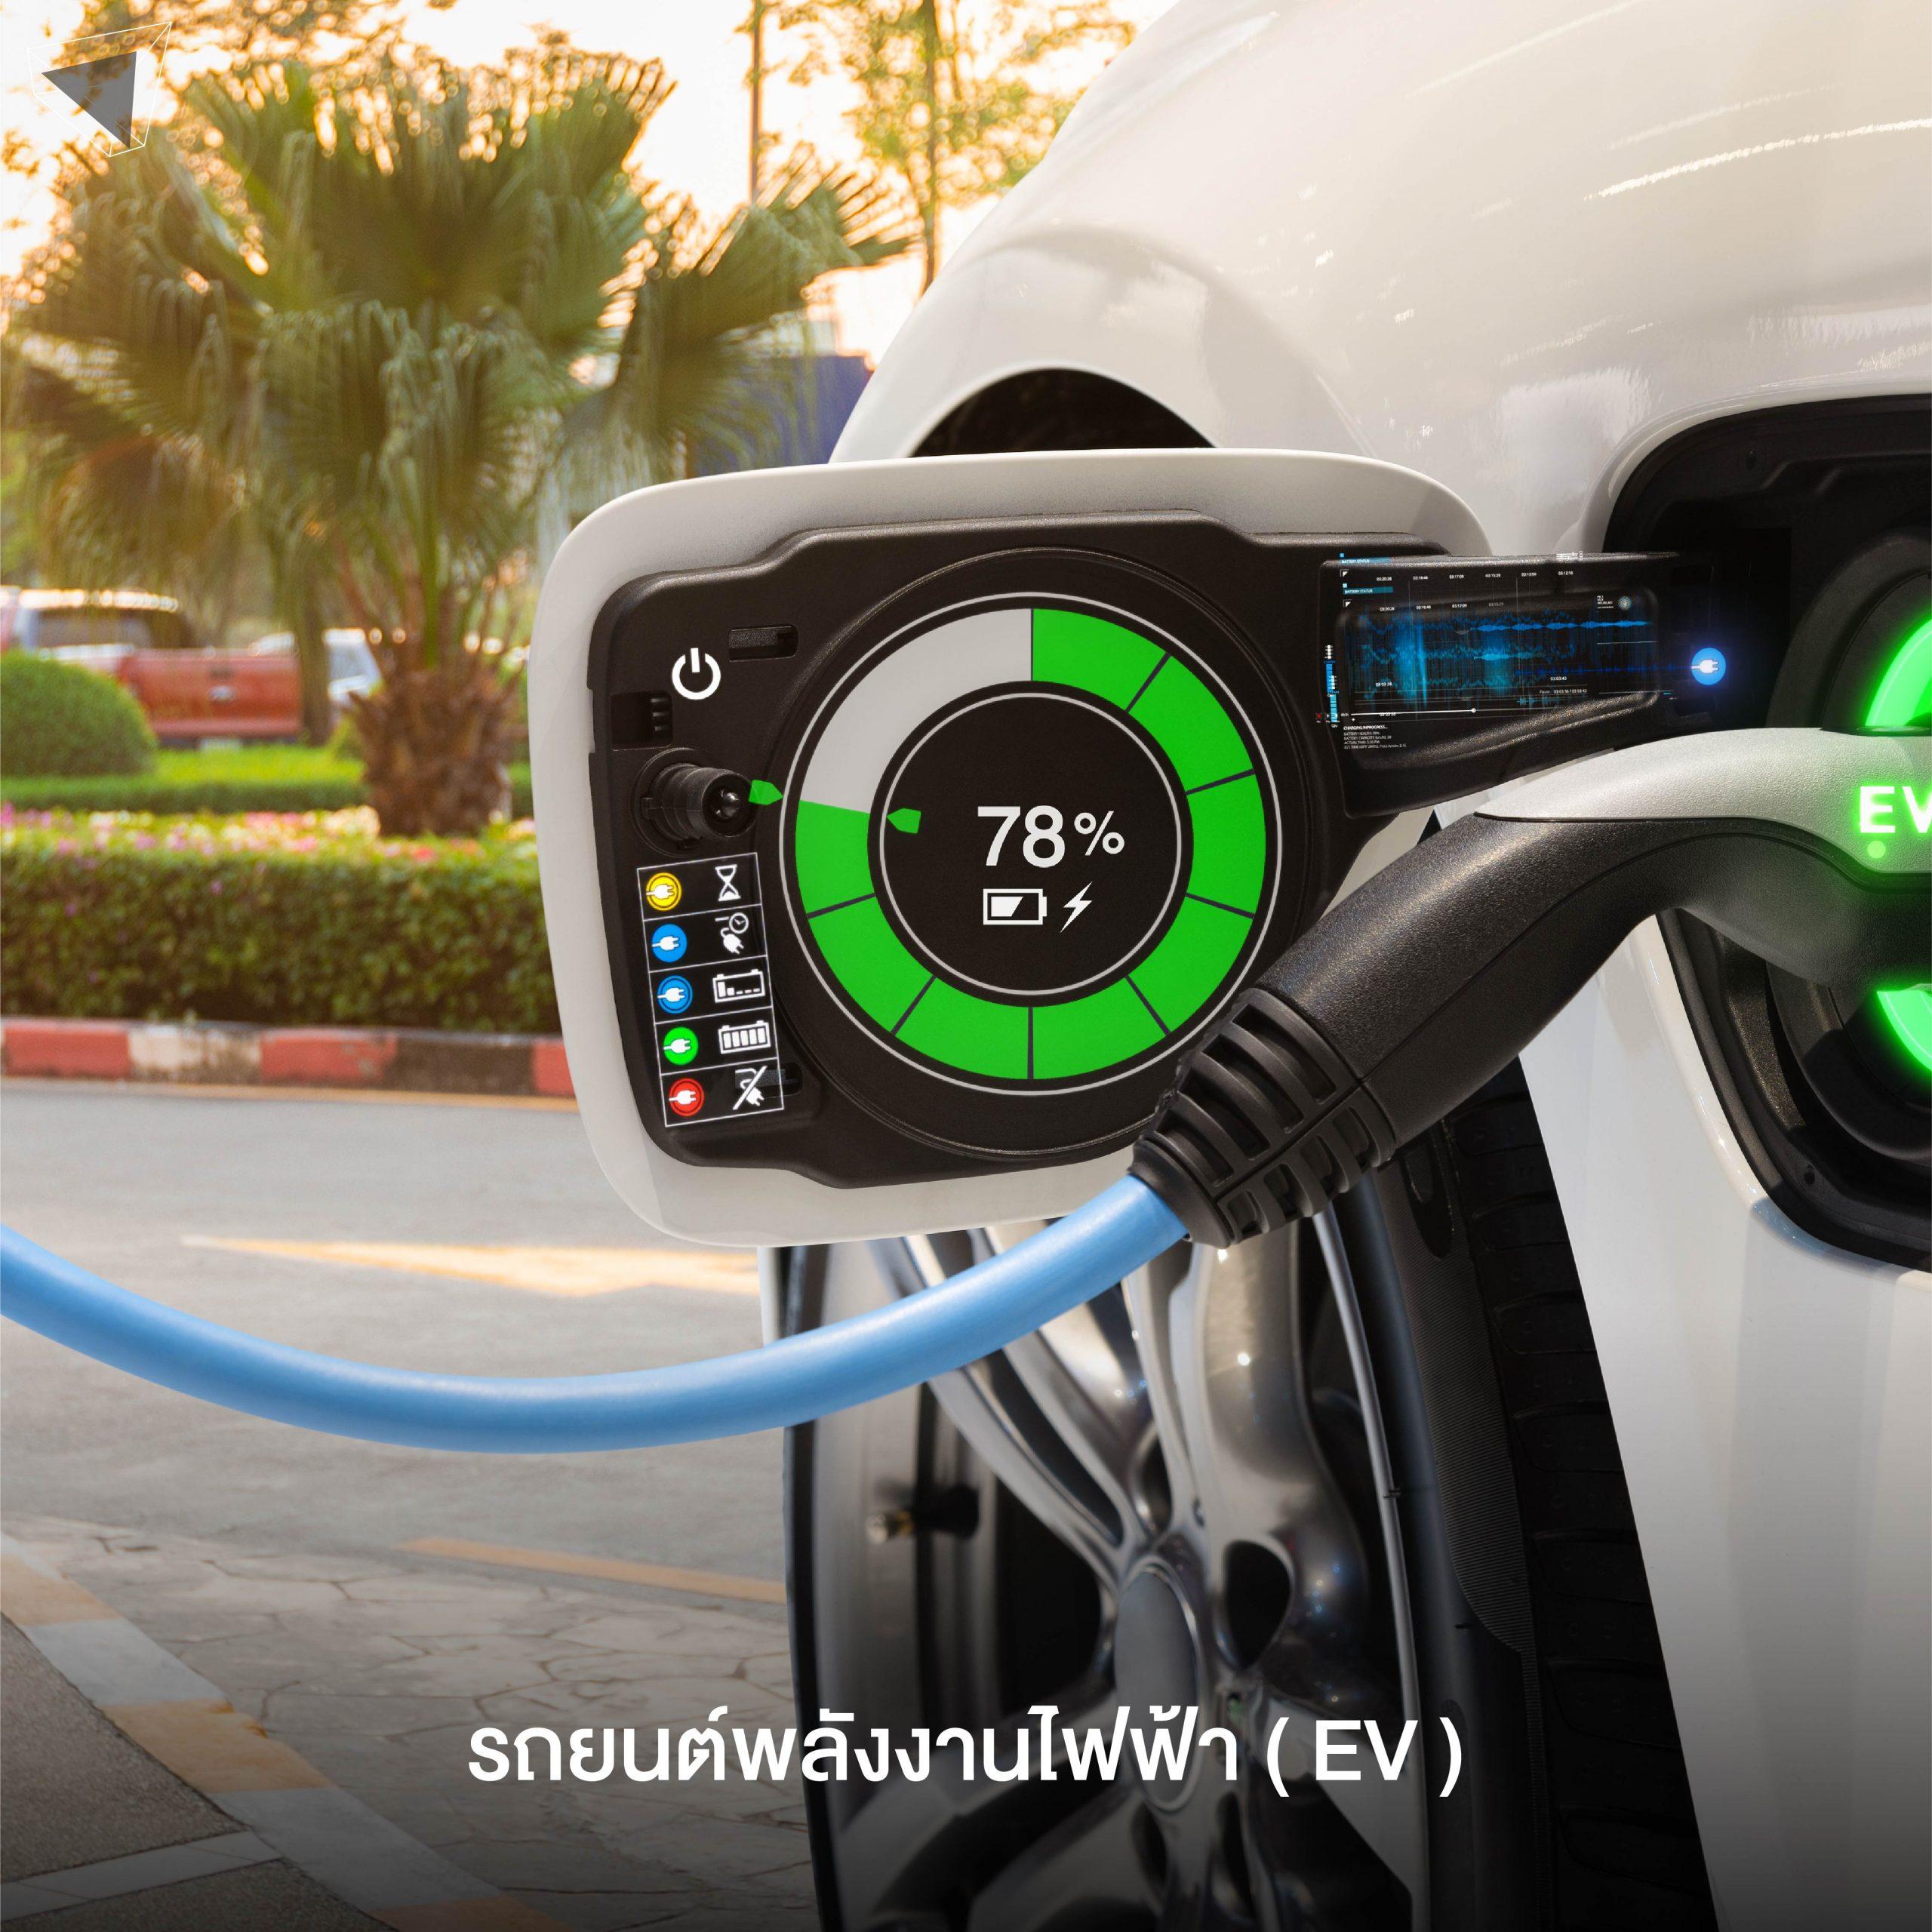 รถยนต์พลังงานไฟฟ้า (EV)